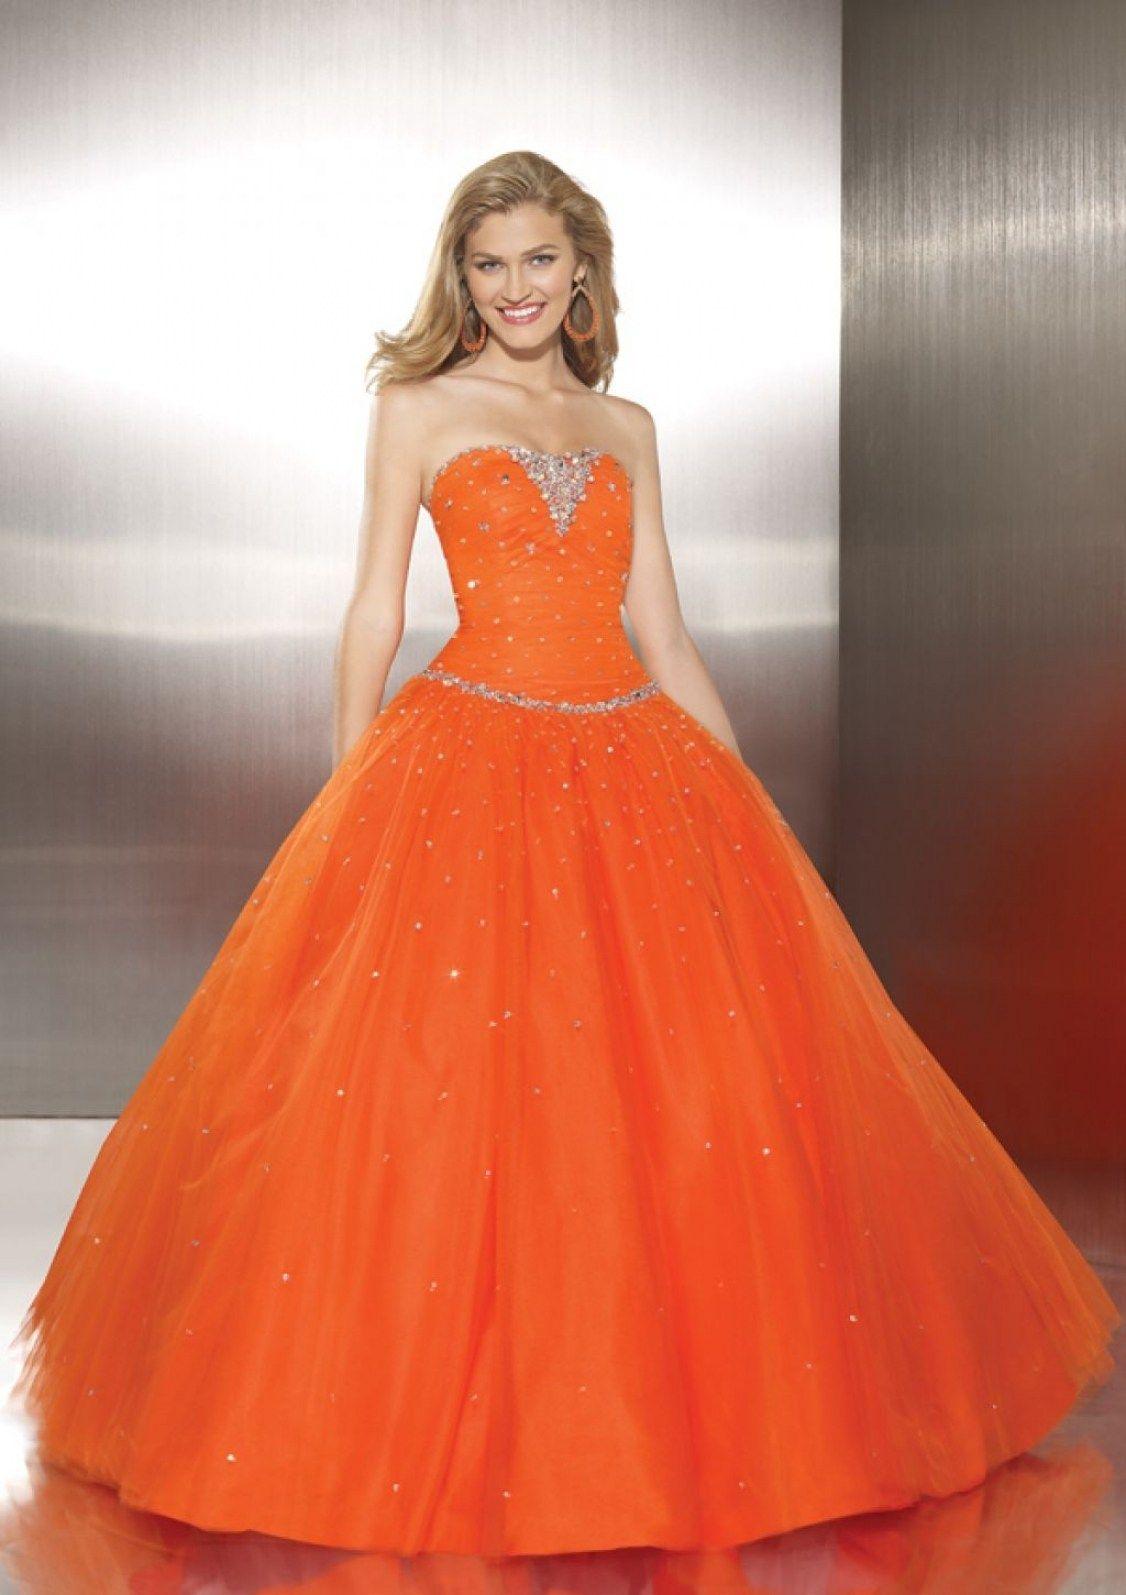 30 Beautiful White And Orange Wedding Dress | Orange wedding dresses ...